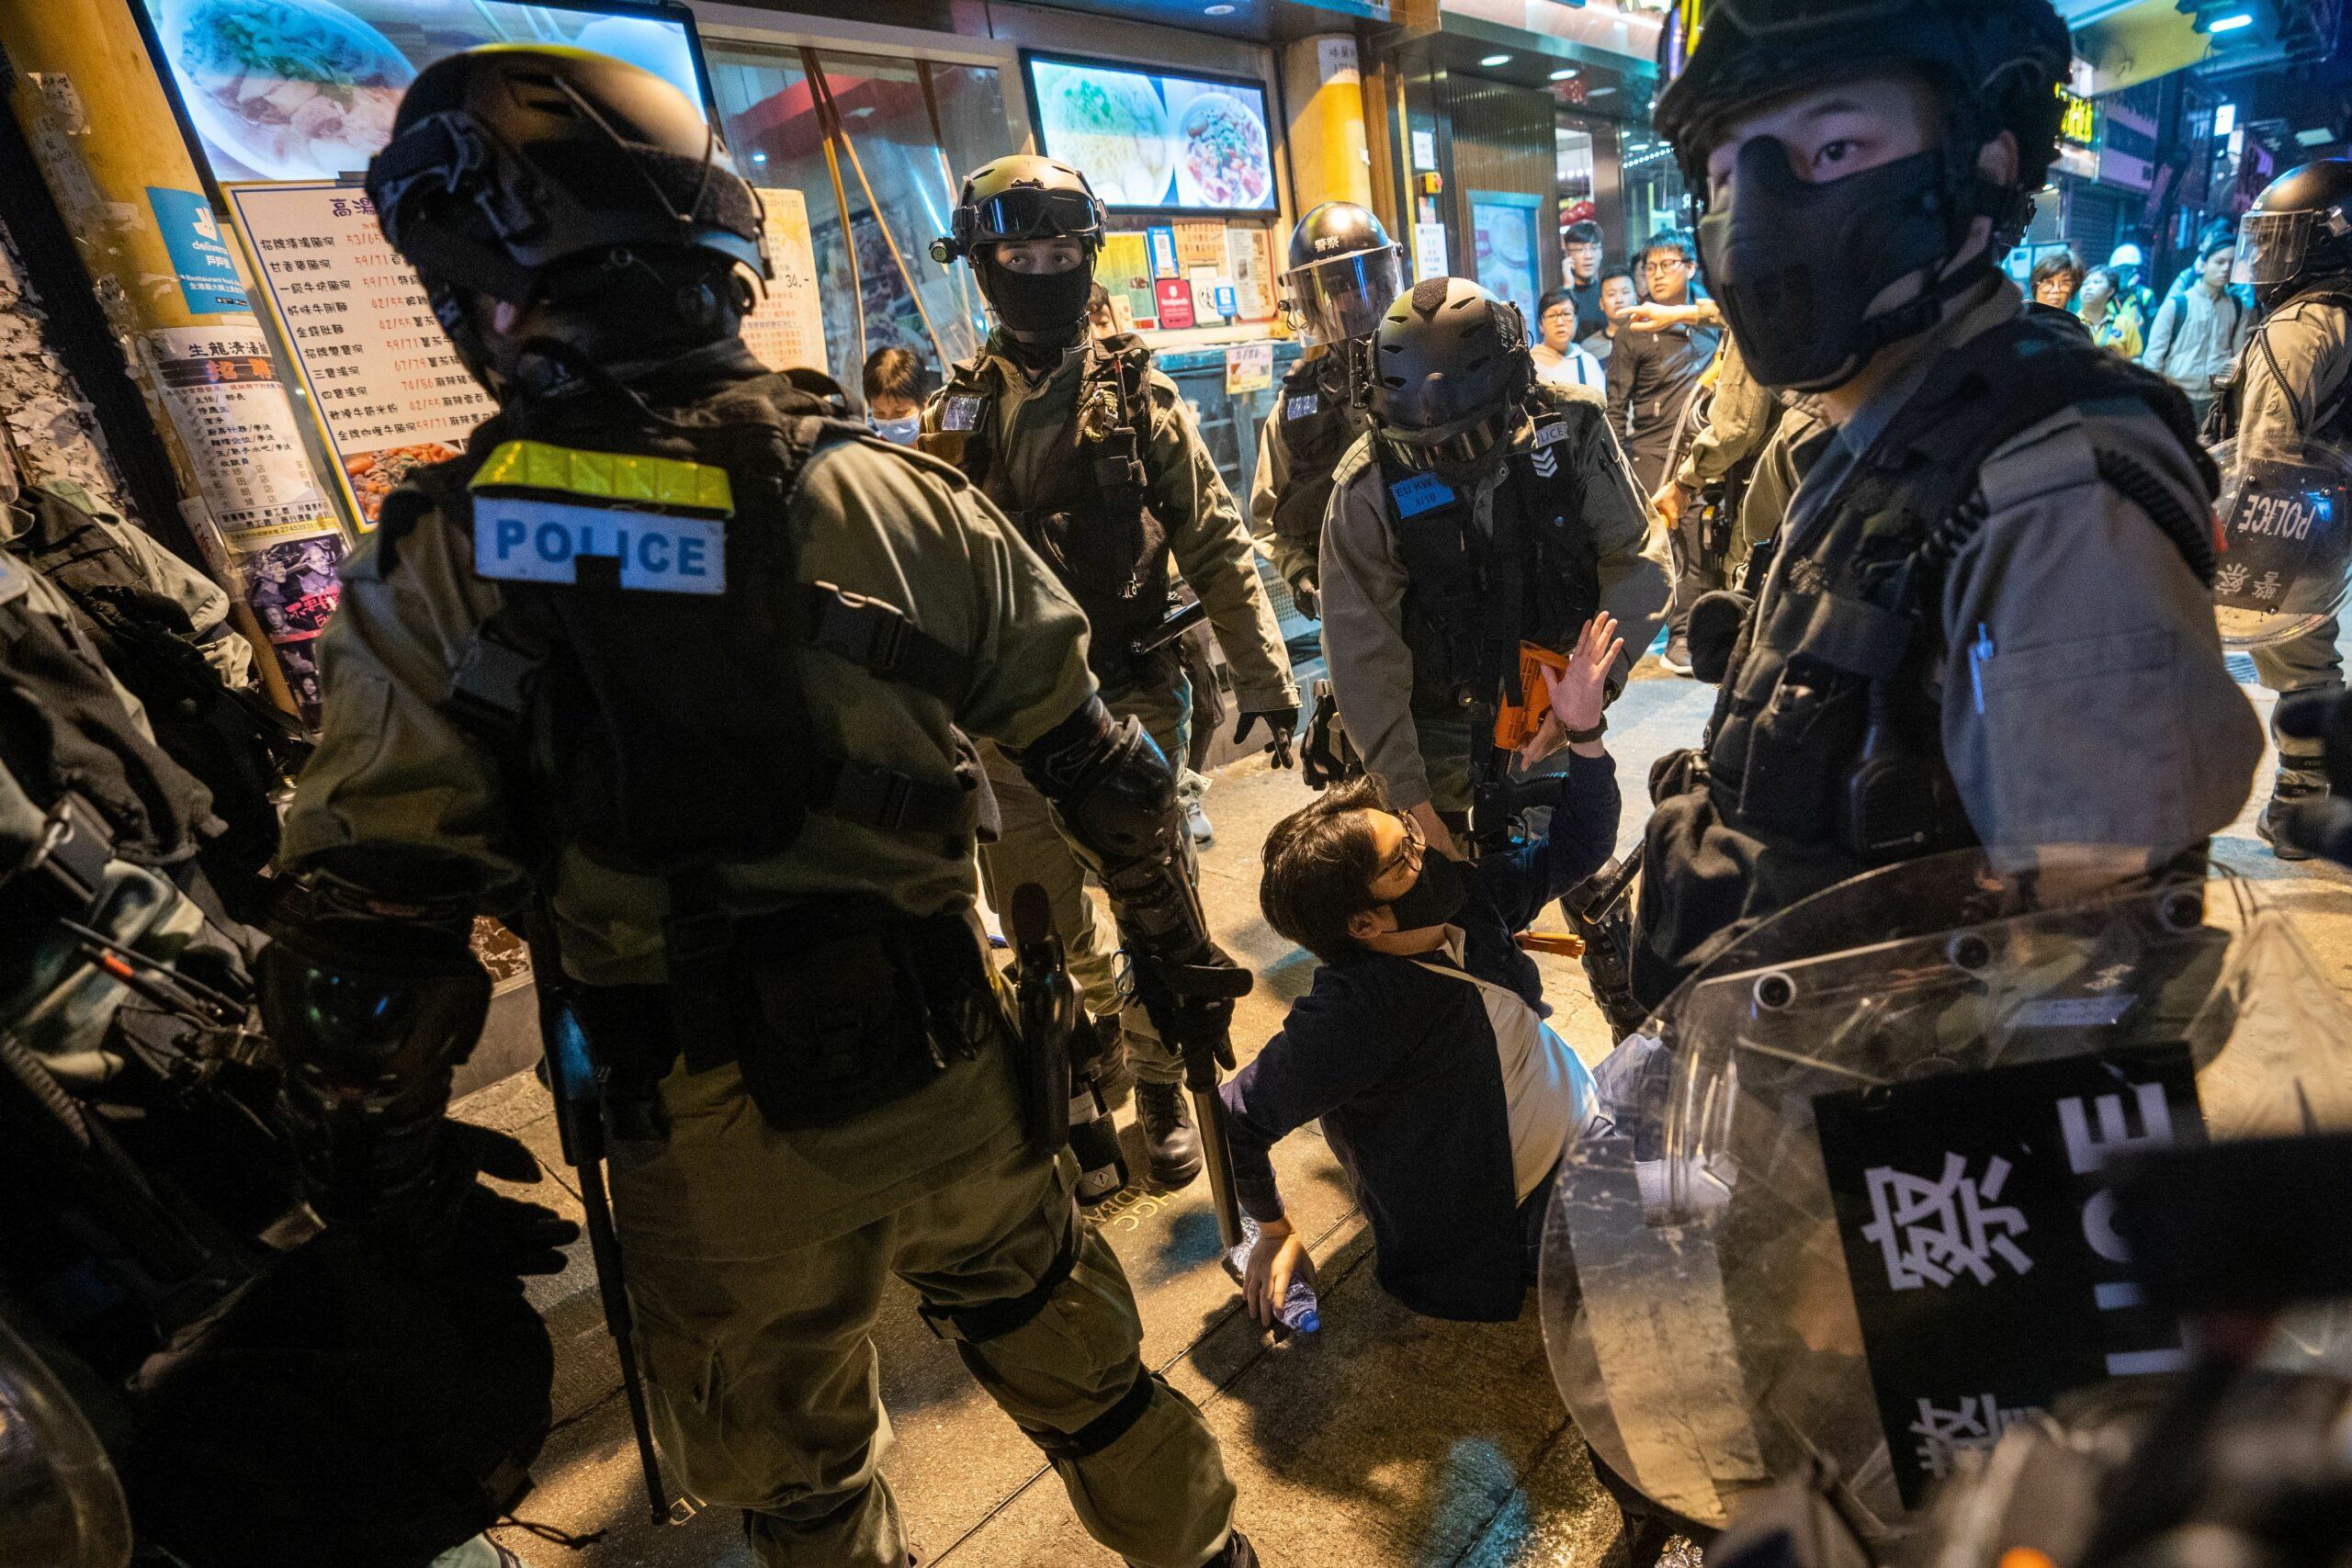 Un manifestant envoltat de policies durant les protestes de Hong Kong del 2019 (Europa Press)